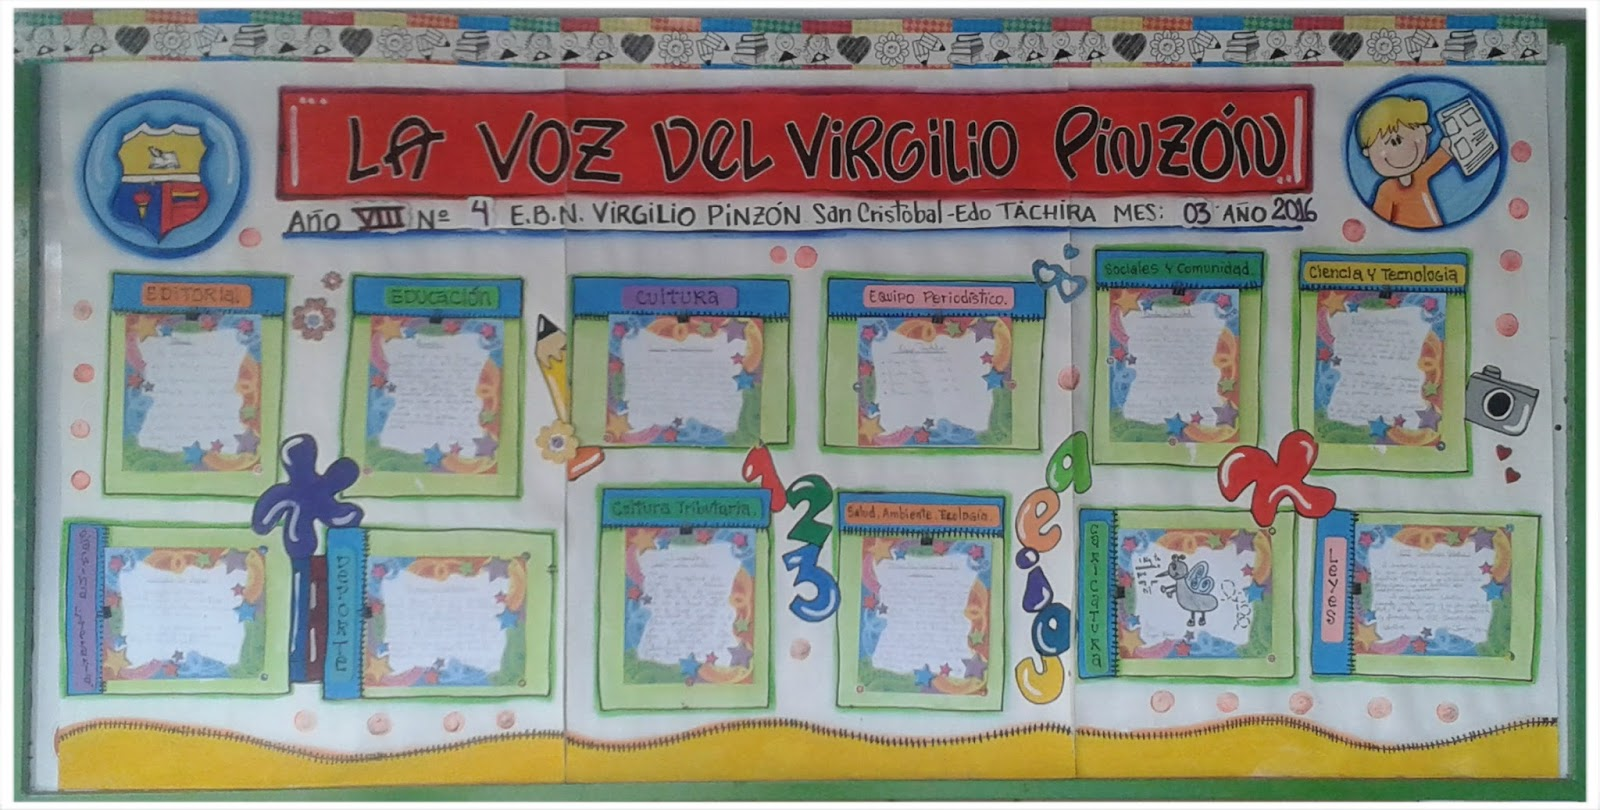 Periodico mural dedicado al colegio periodico mural por for Avisos de ocasion el mural